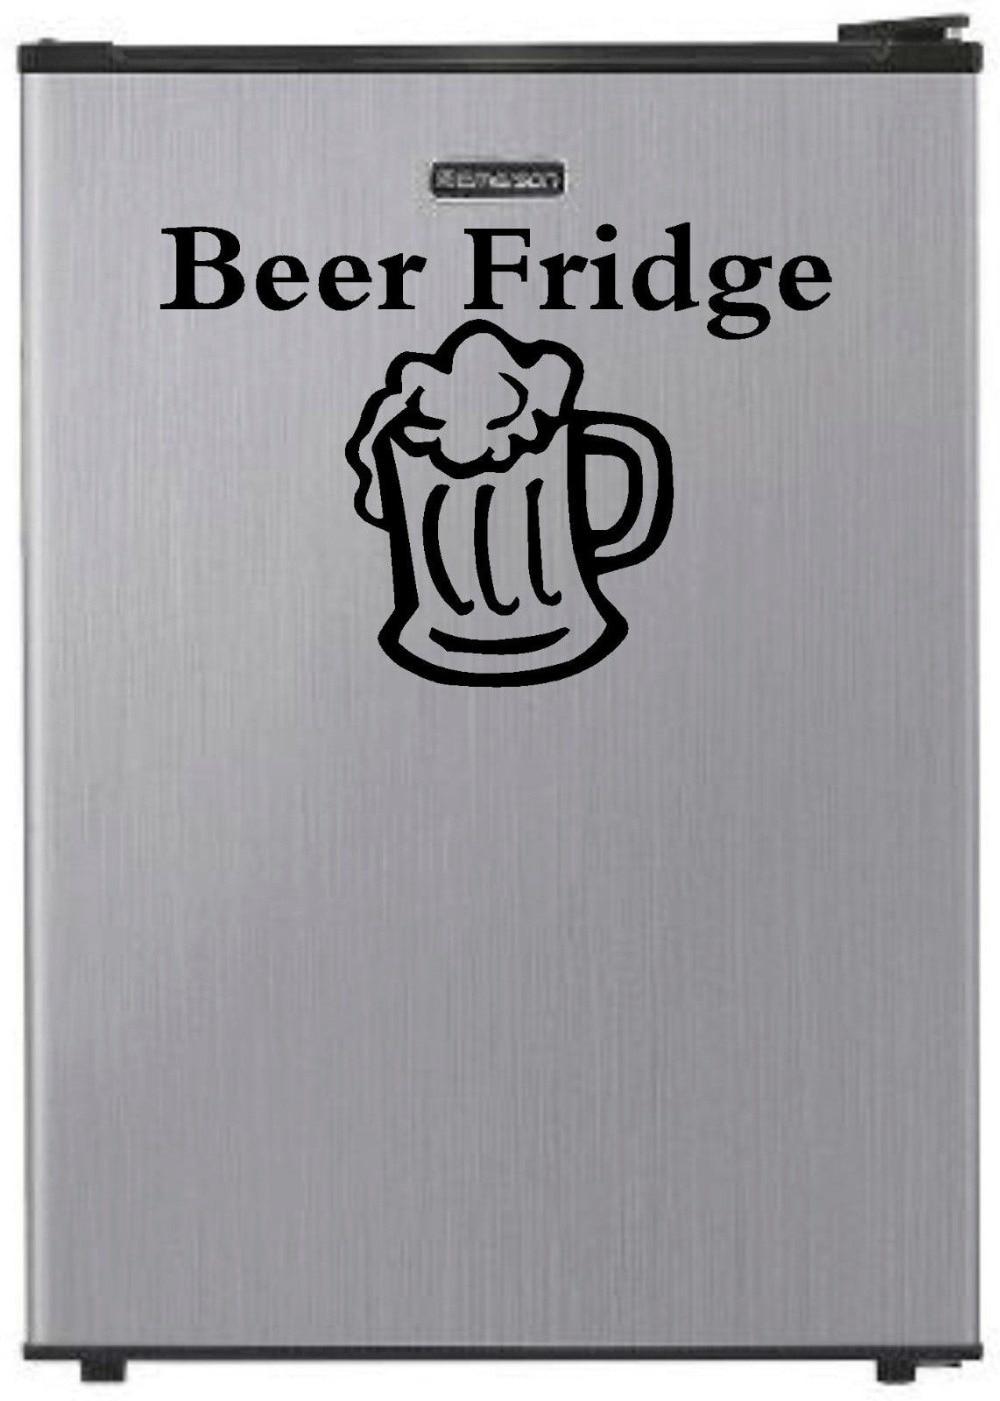 Fridge Stickers Online Buy Wholesale Beer Fridge Sticker From China Beer Fridge